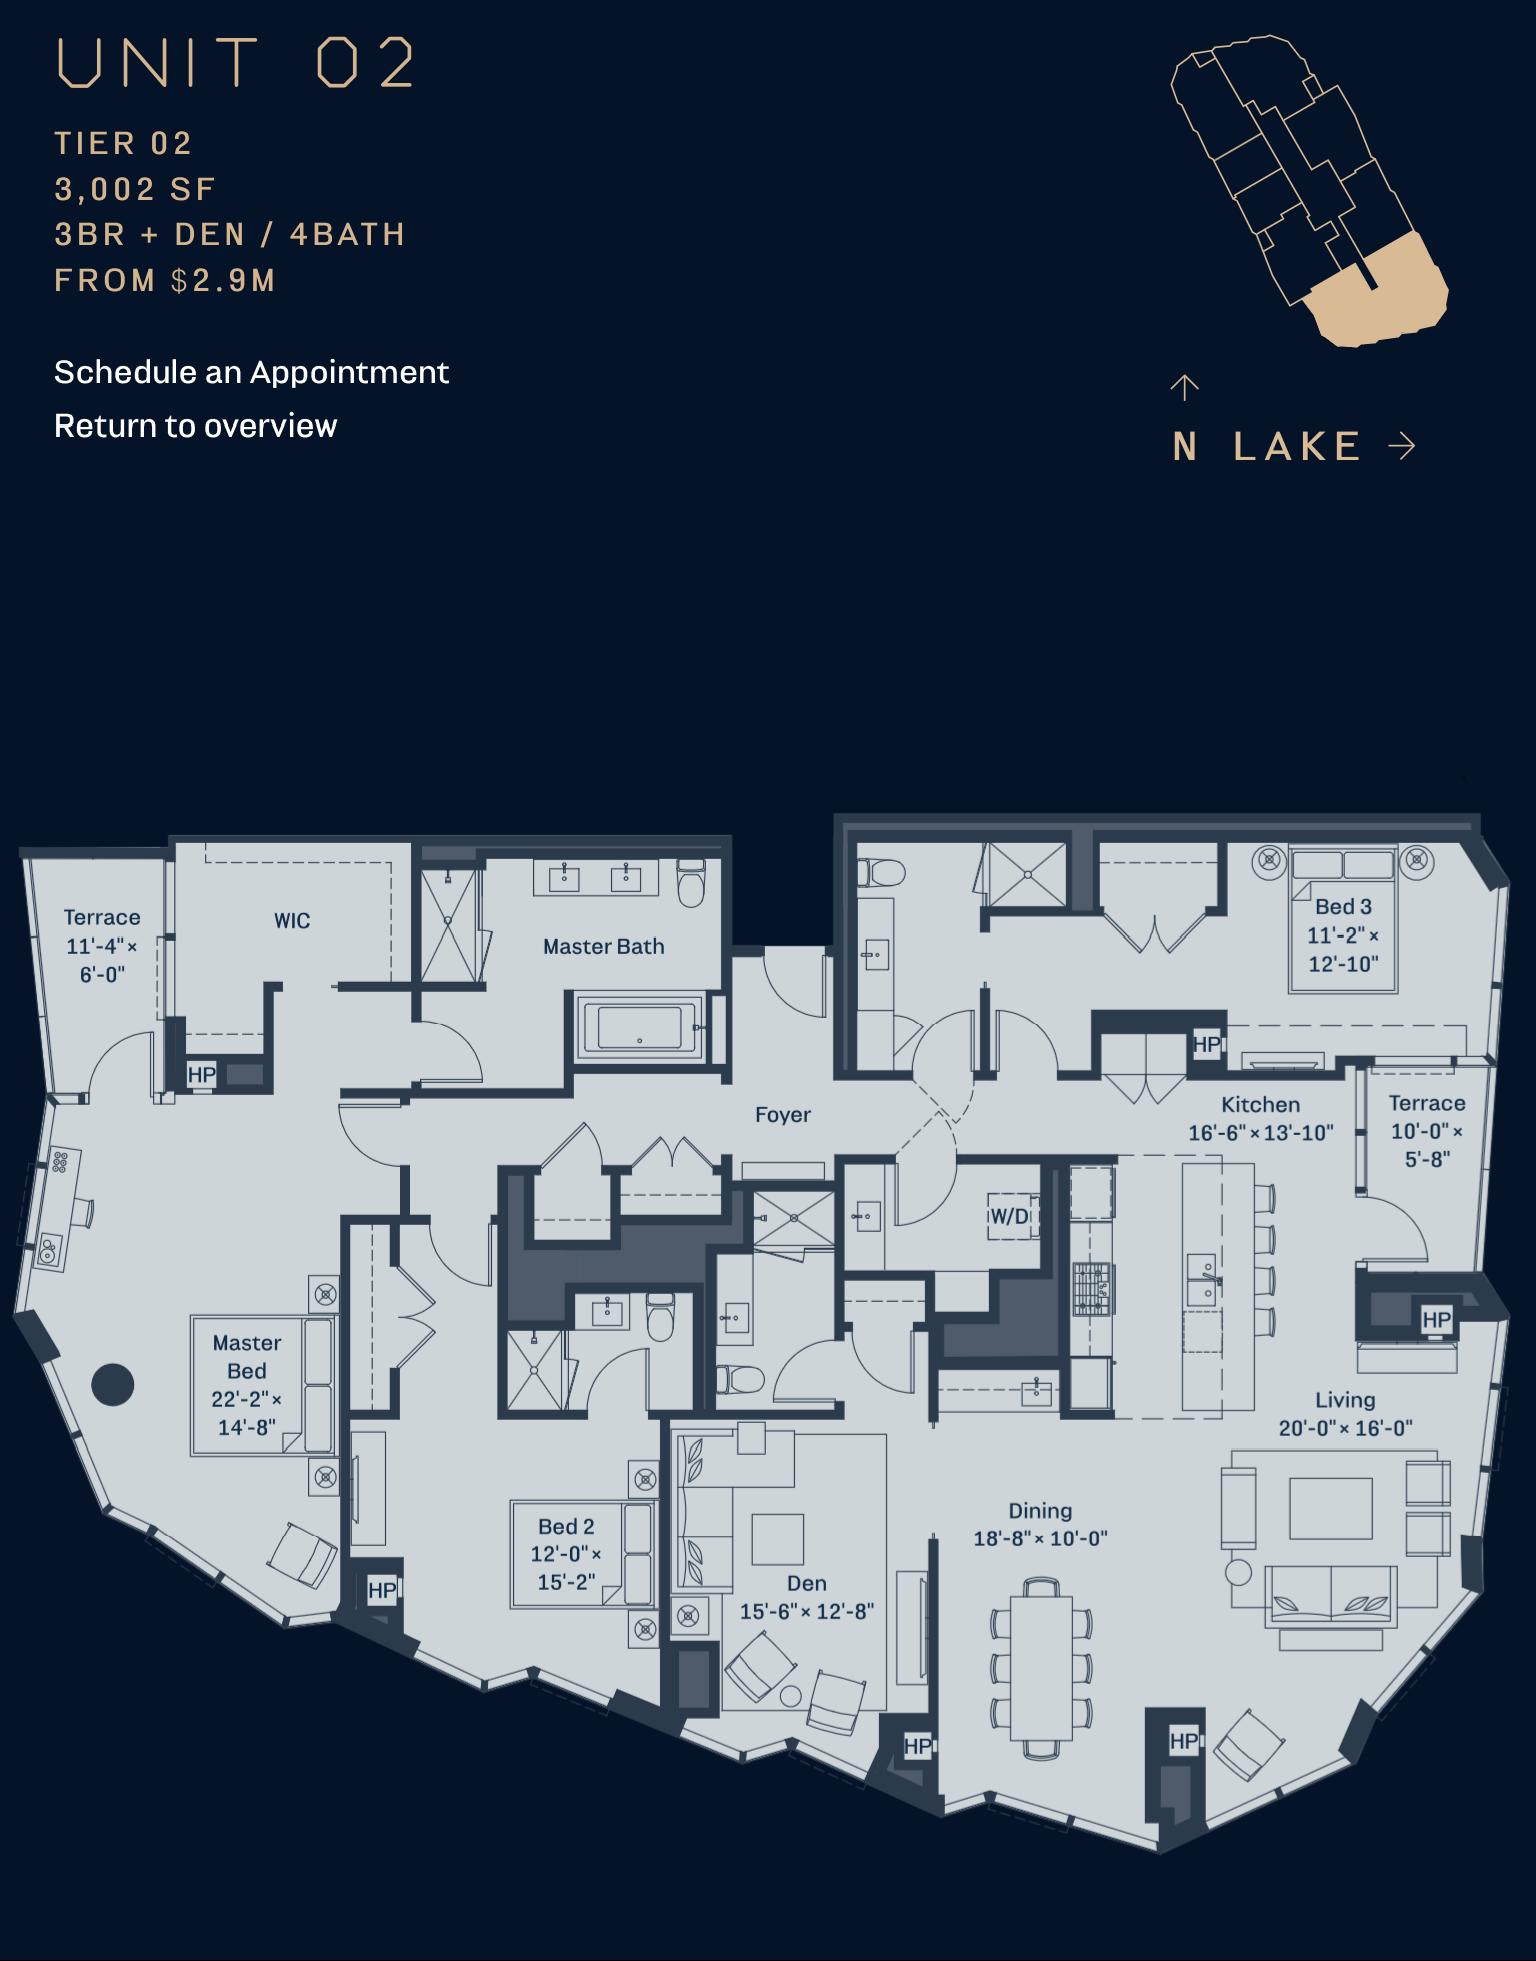 Cirrus Condominiums Lakeshore East Chicago In 2020 Apartment Floor Plans How To Plan Floor Plans